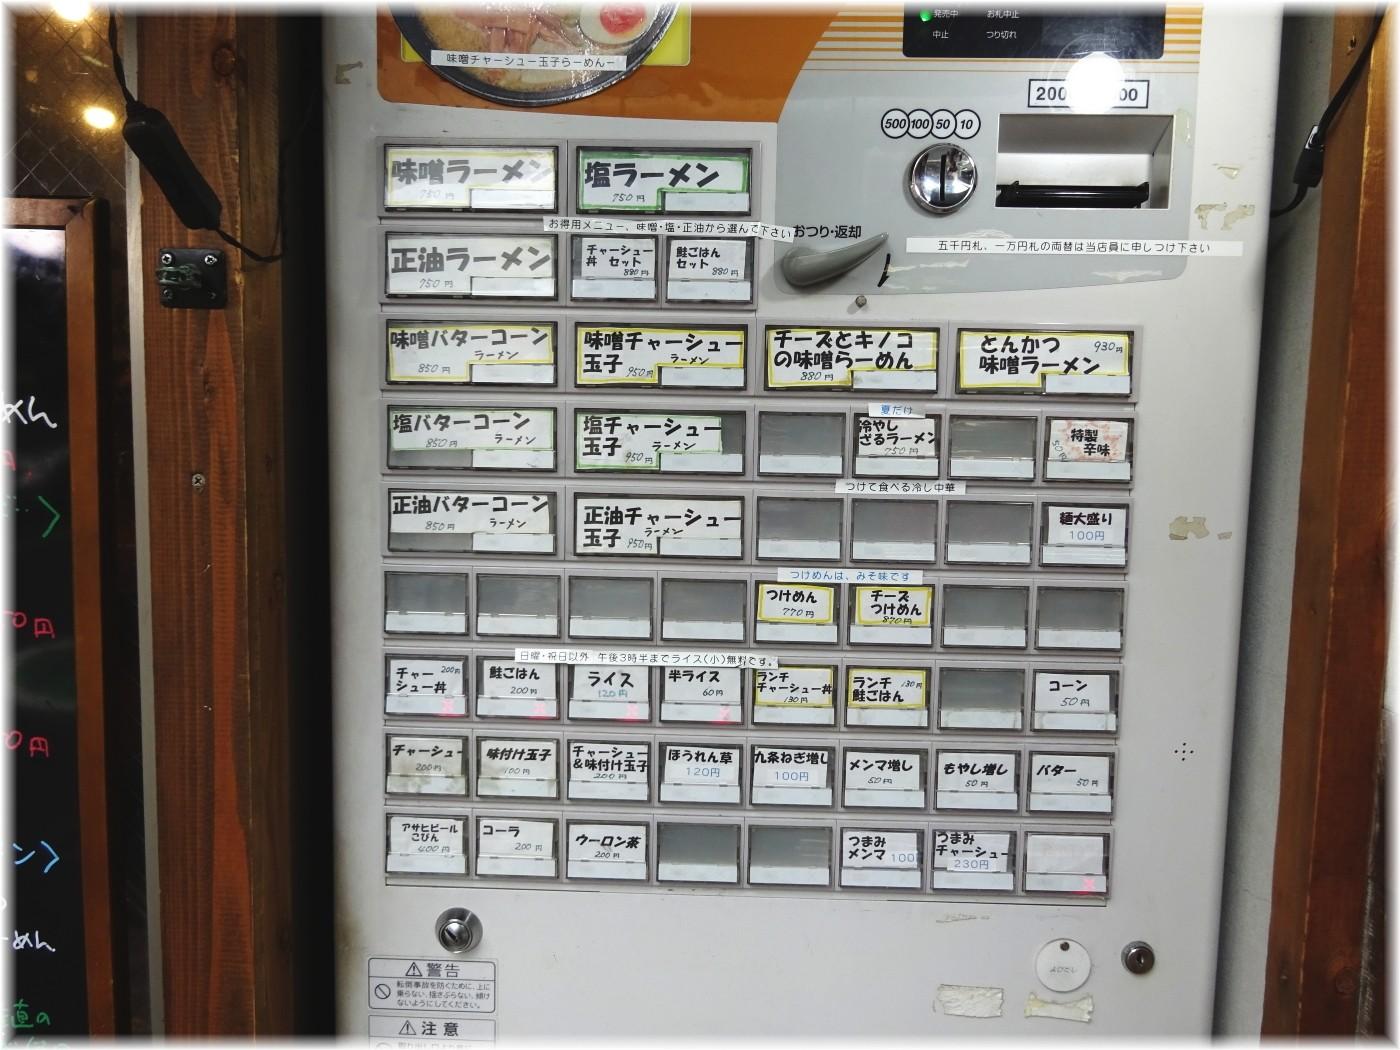 北の大地三田店 食券機